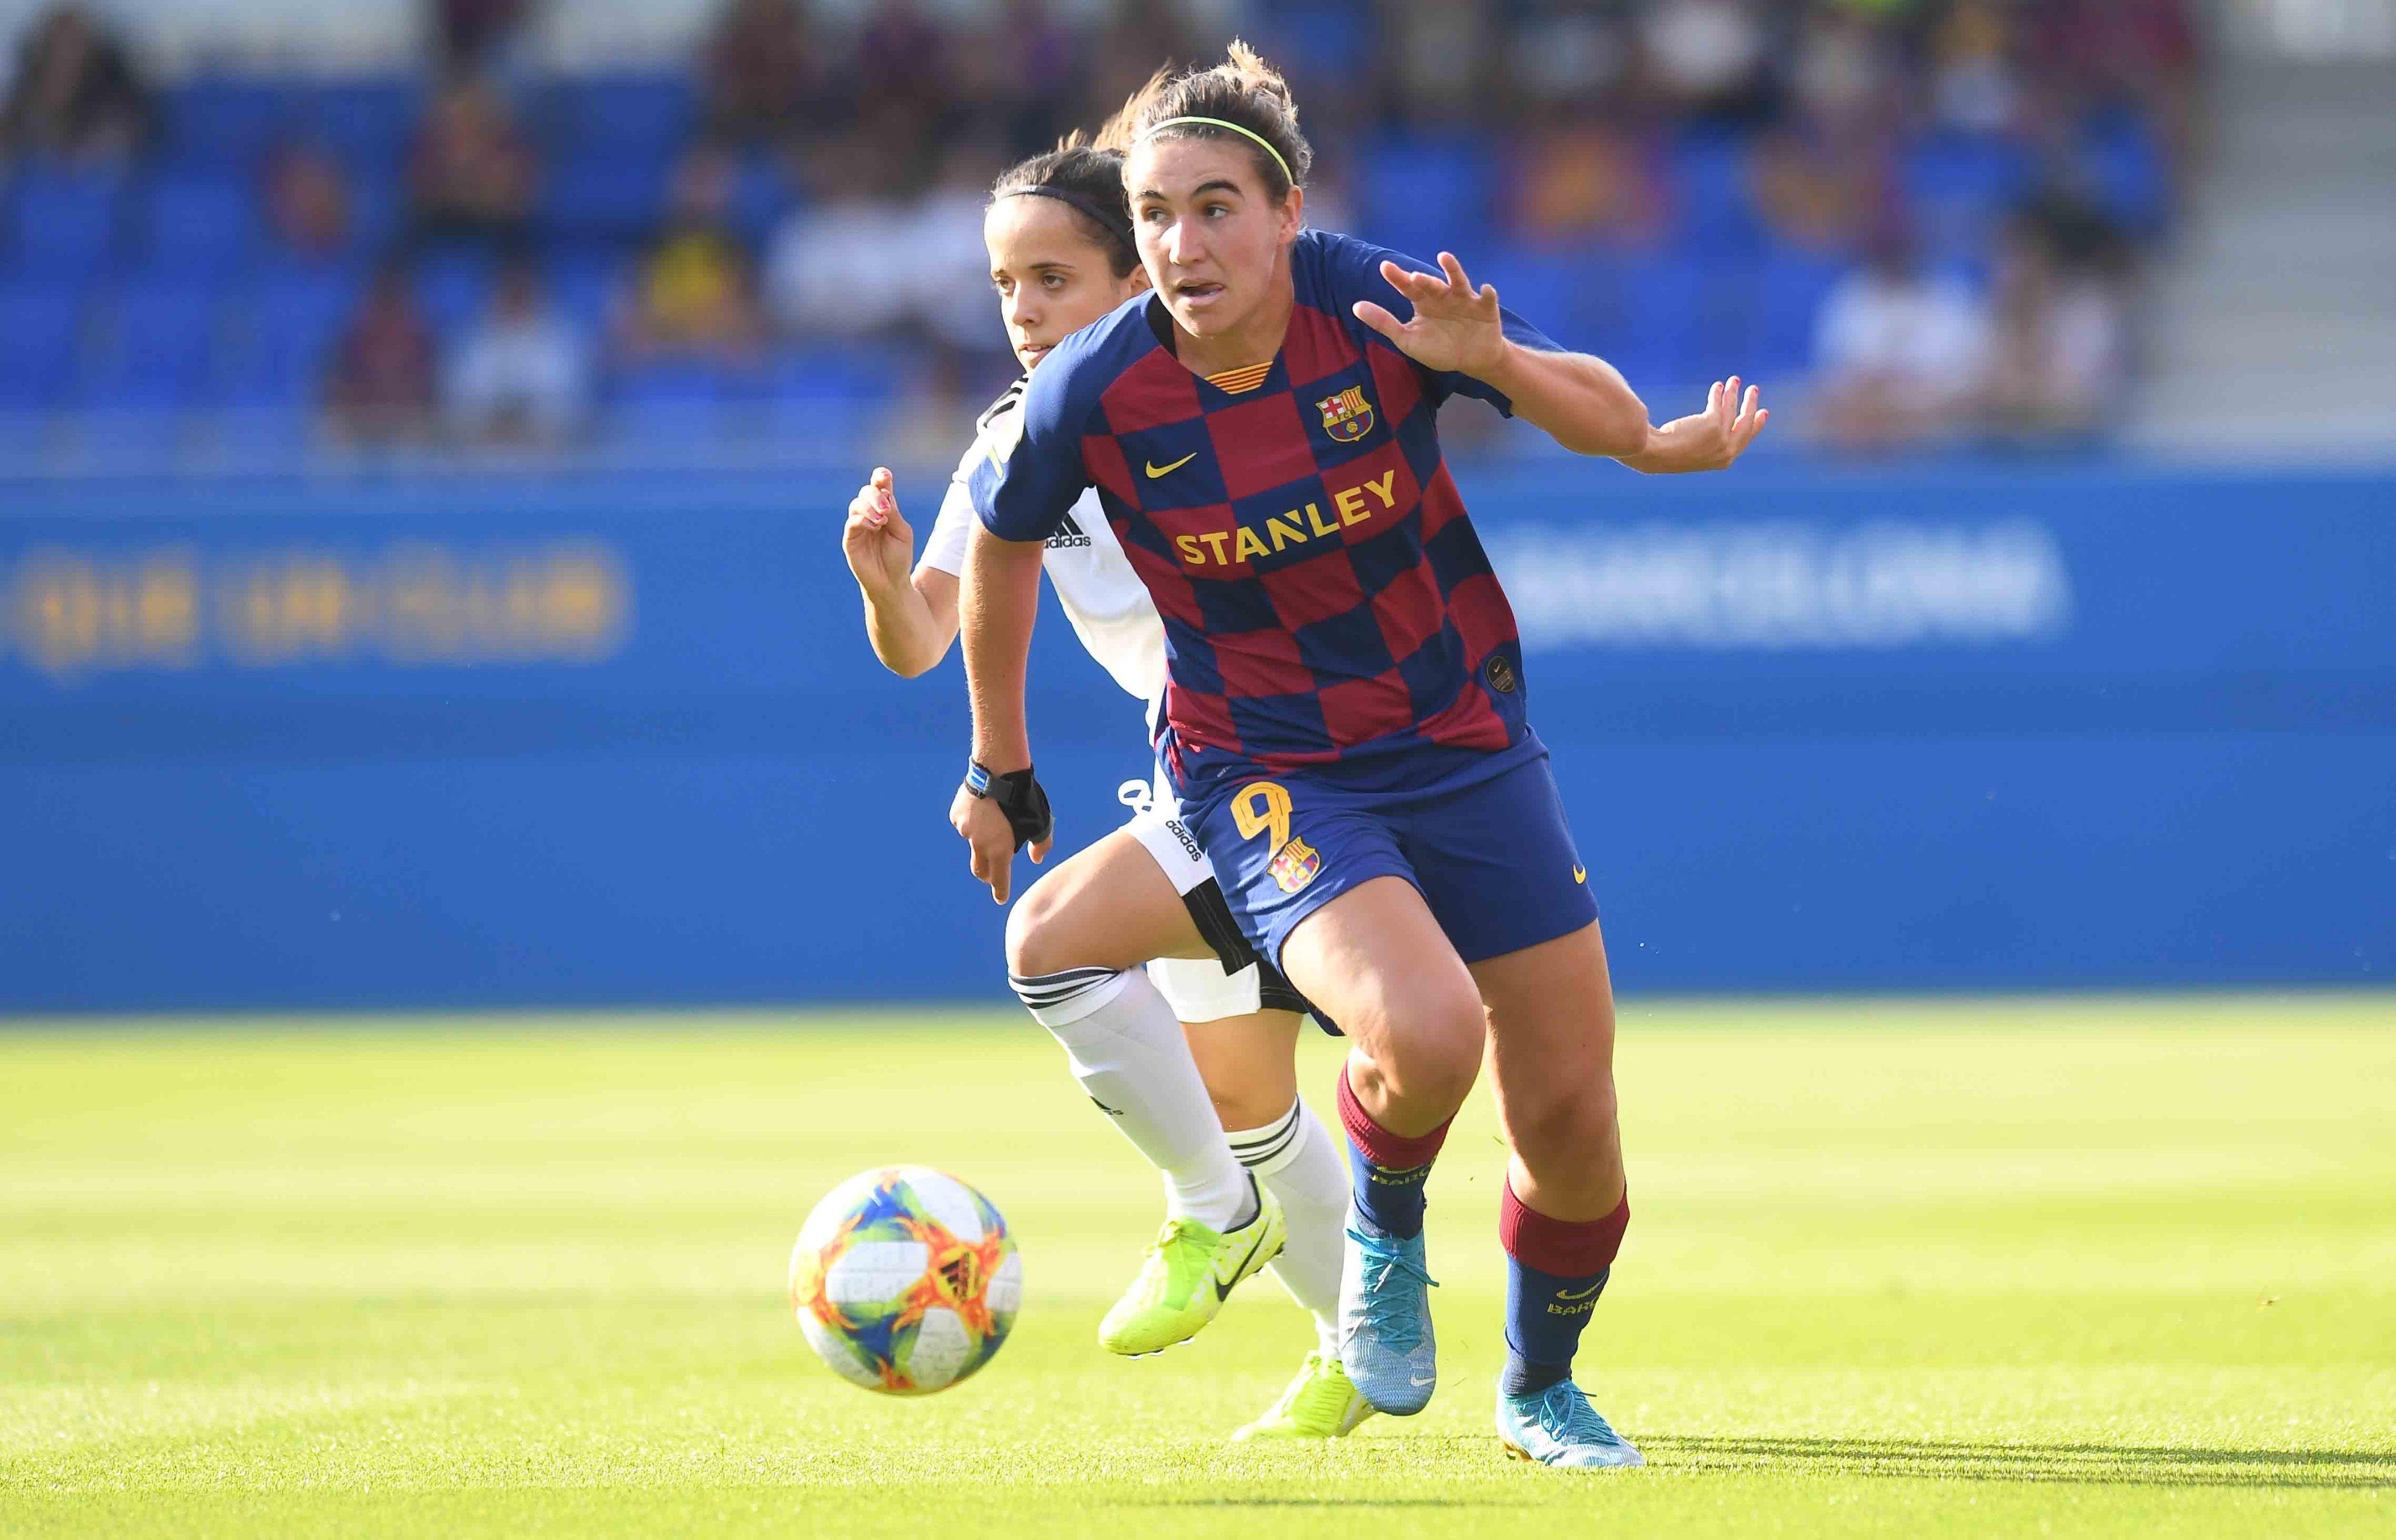 El Barcelona goleó con comodidad al Tacón.